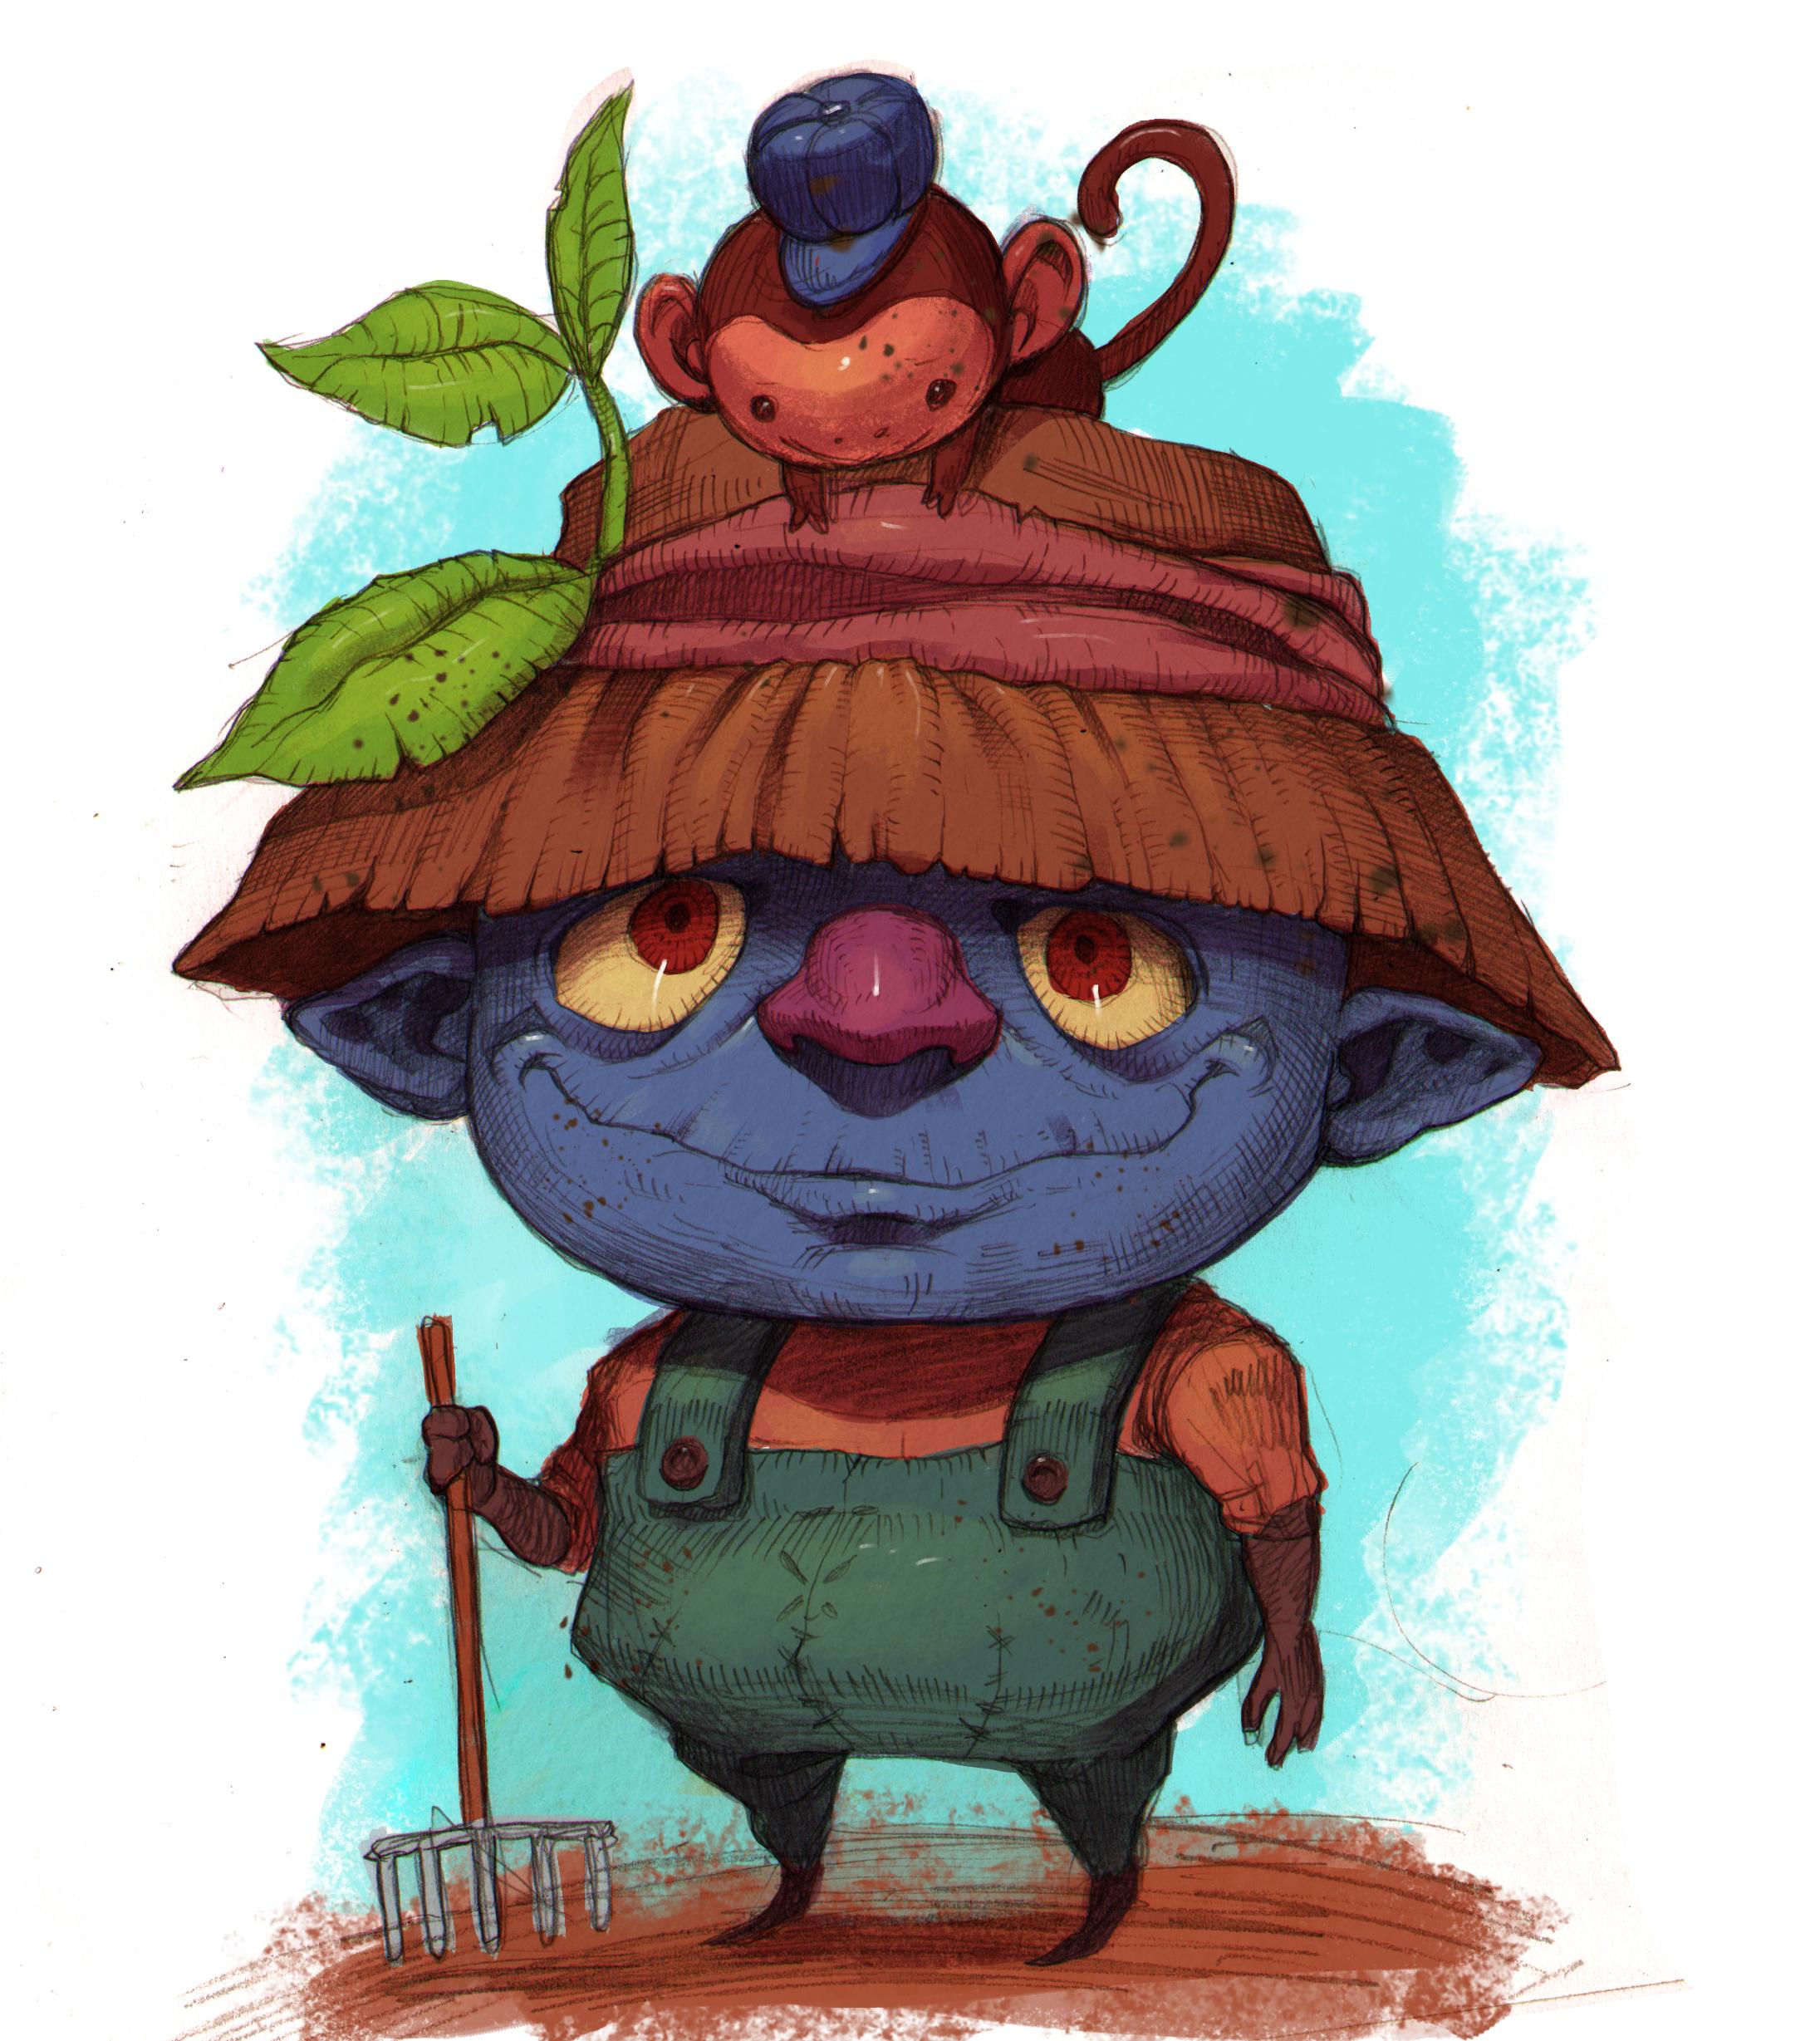 Lil' Farmer